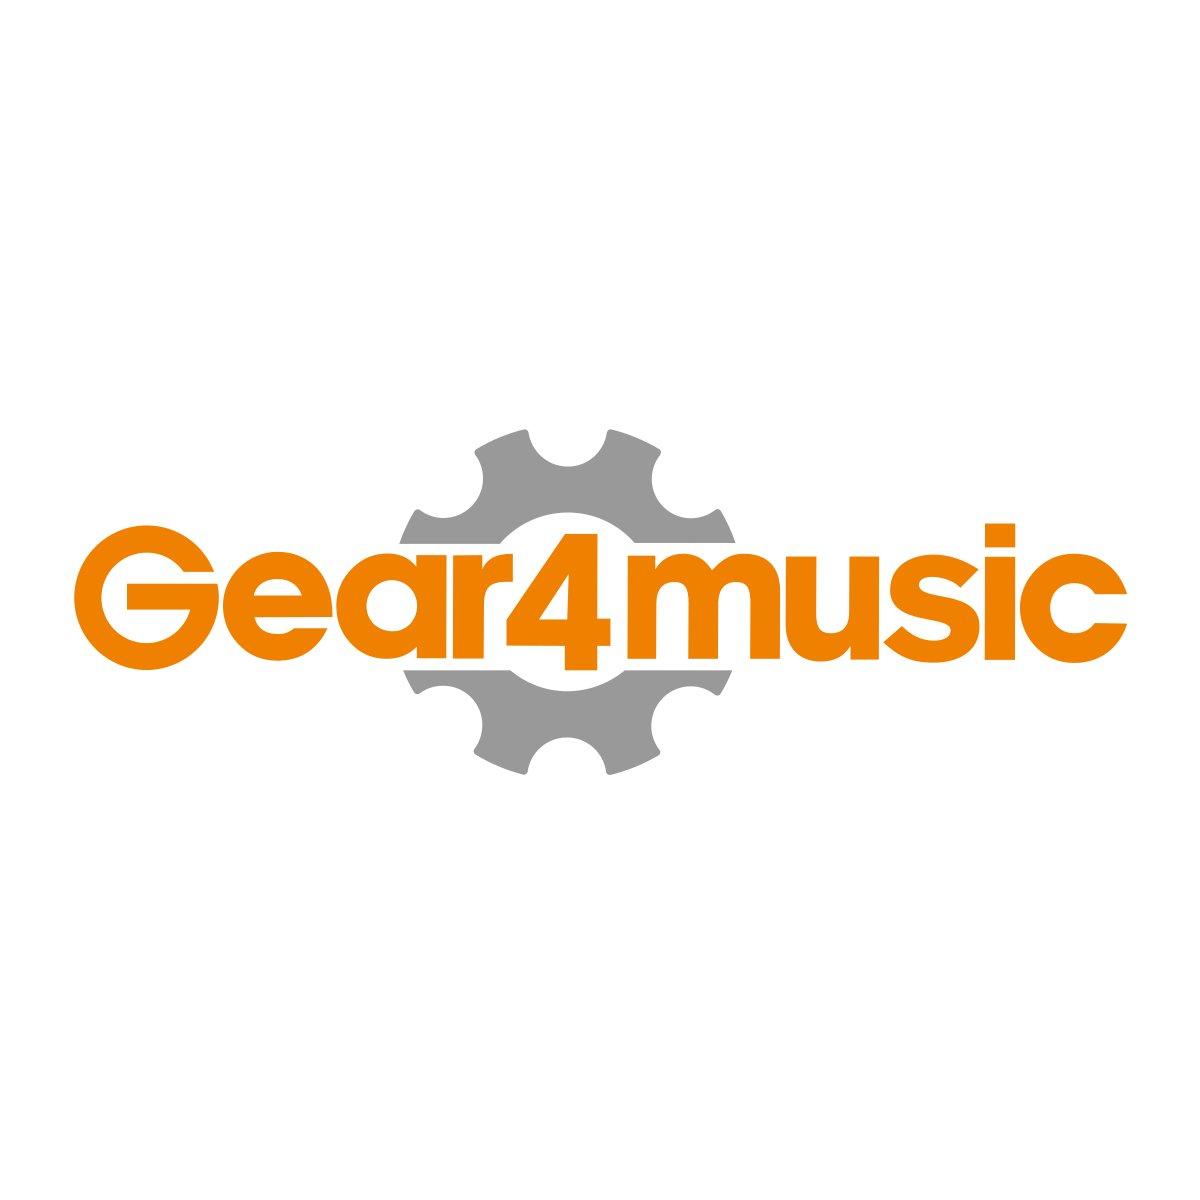 Lite Refleksjonsfilter for Mikrofon fra Gear4music | Gear4music